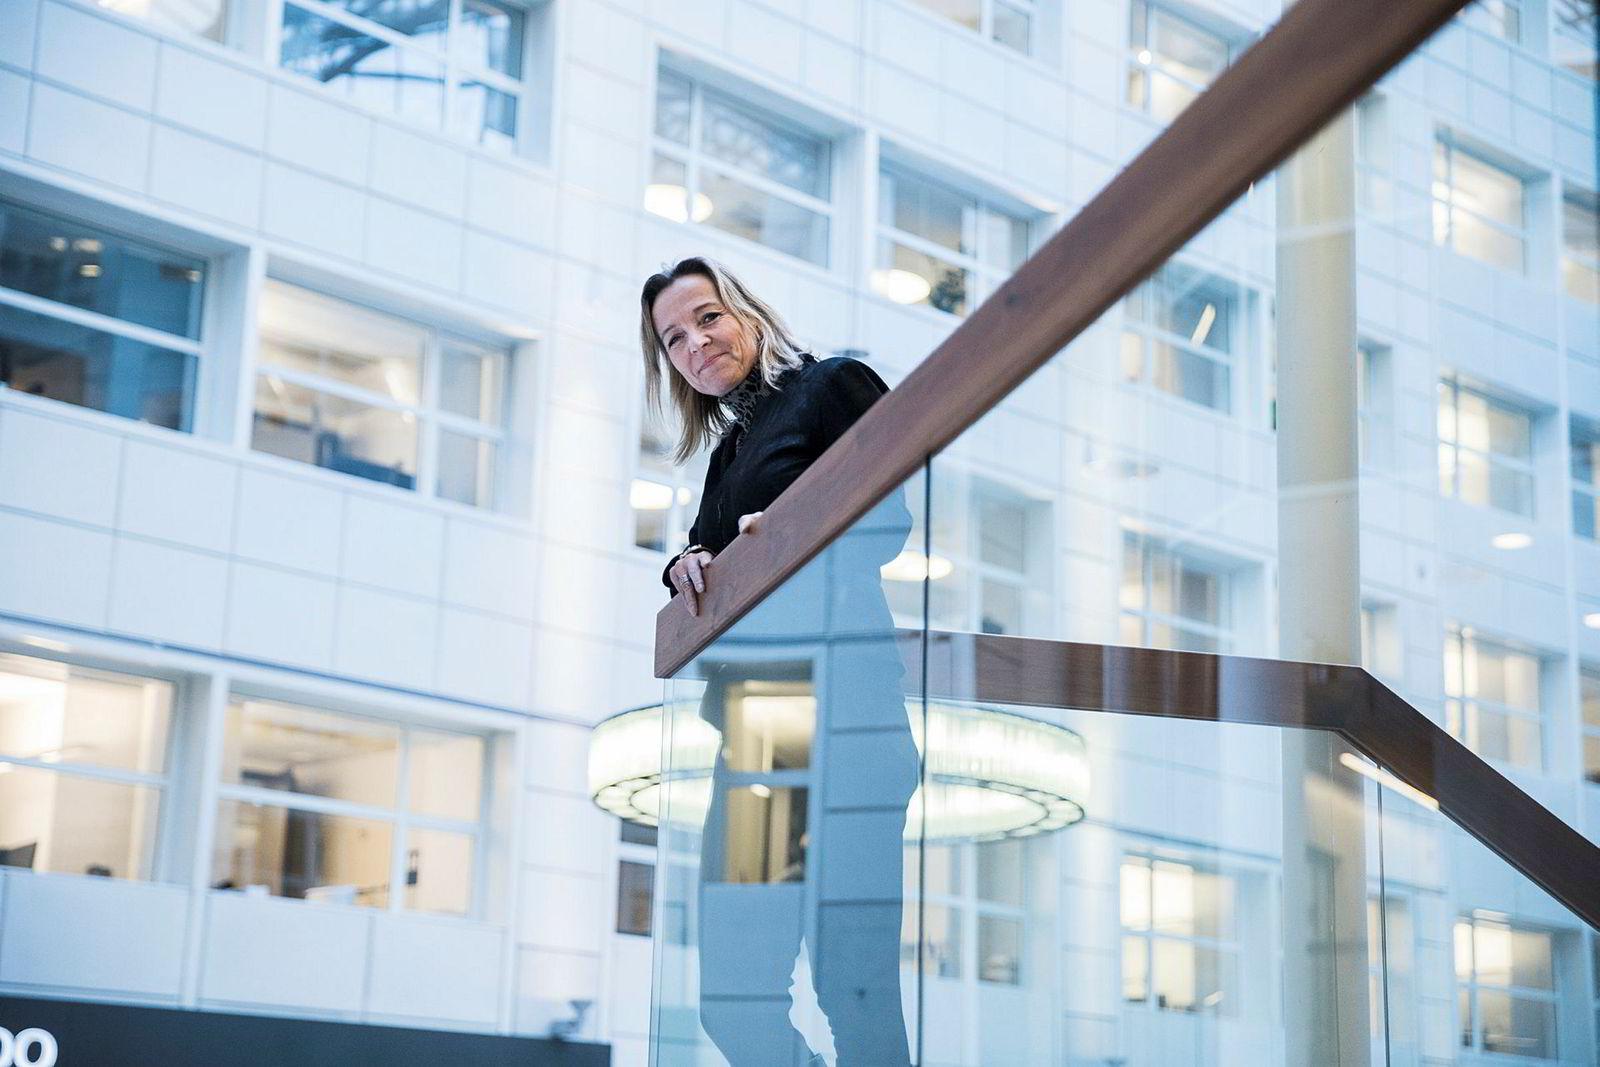 Mette Krogsrud blir sjef for hr i nye Schibsted. Hun kommer fra hodejegerfirmaet Korn Ferry.